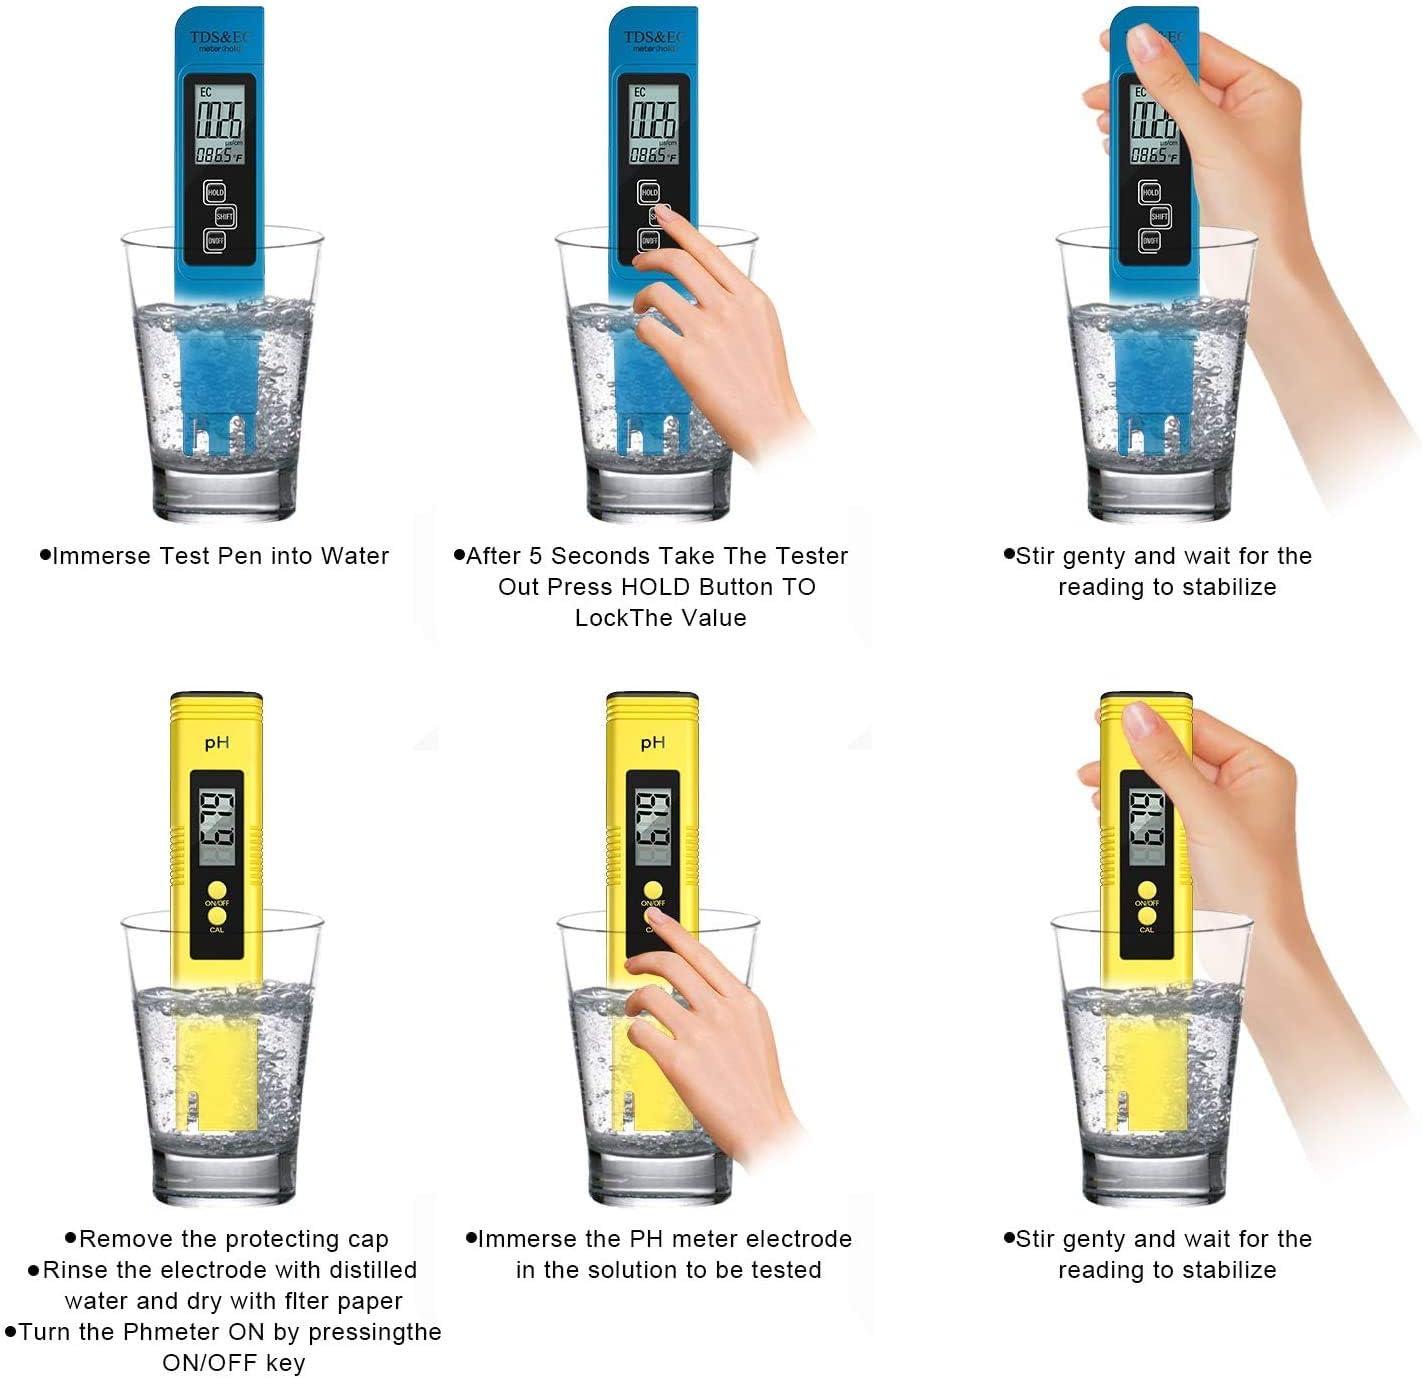 Probador De Agua TDS Digital SCOBUTY Probador De Calidad del Agua Probador de Calidad del Agua 3 en 1 Medidor de pH Digital Piscinas y acuarios Medidor de Prueba de Agua Ideal para Beber en casa